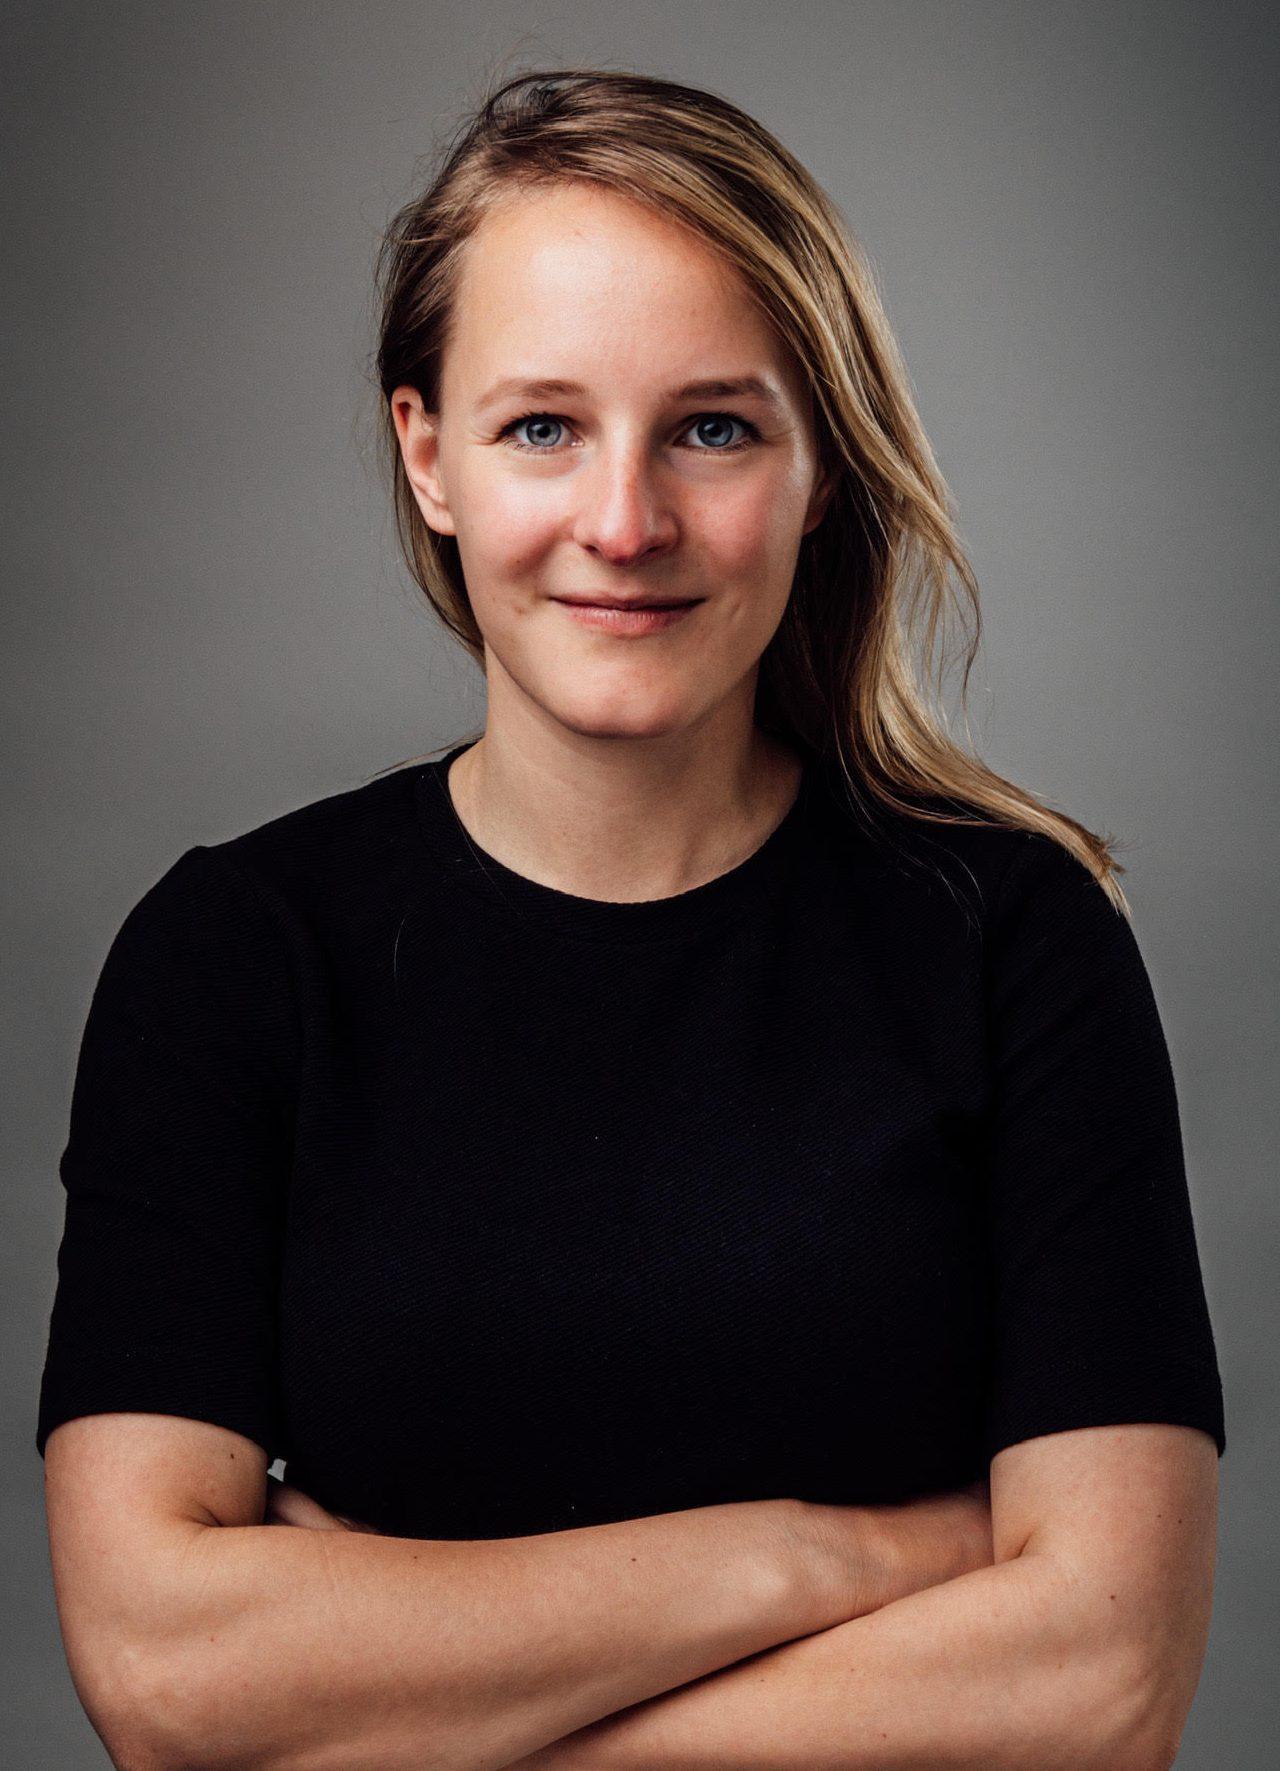 Laura van Bommel